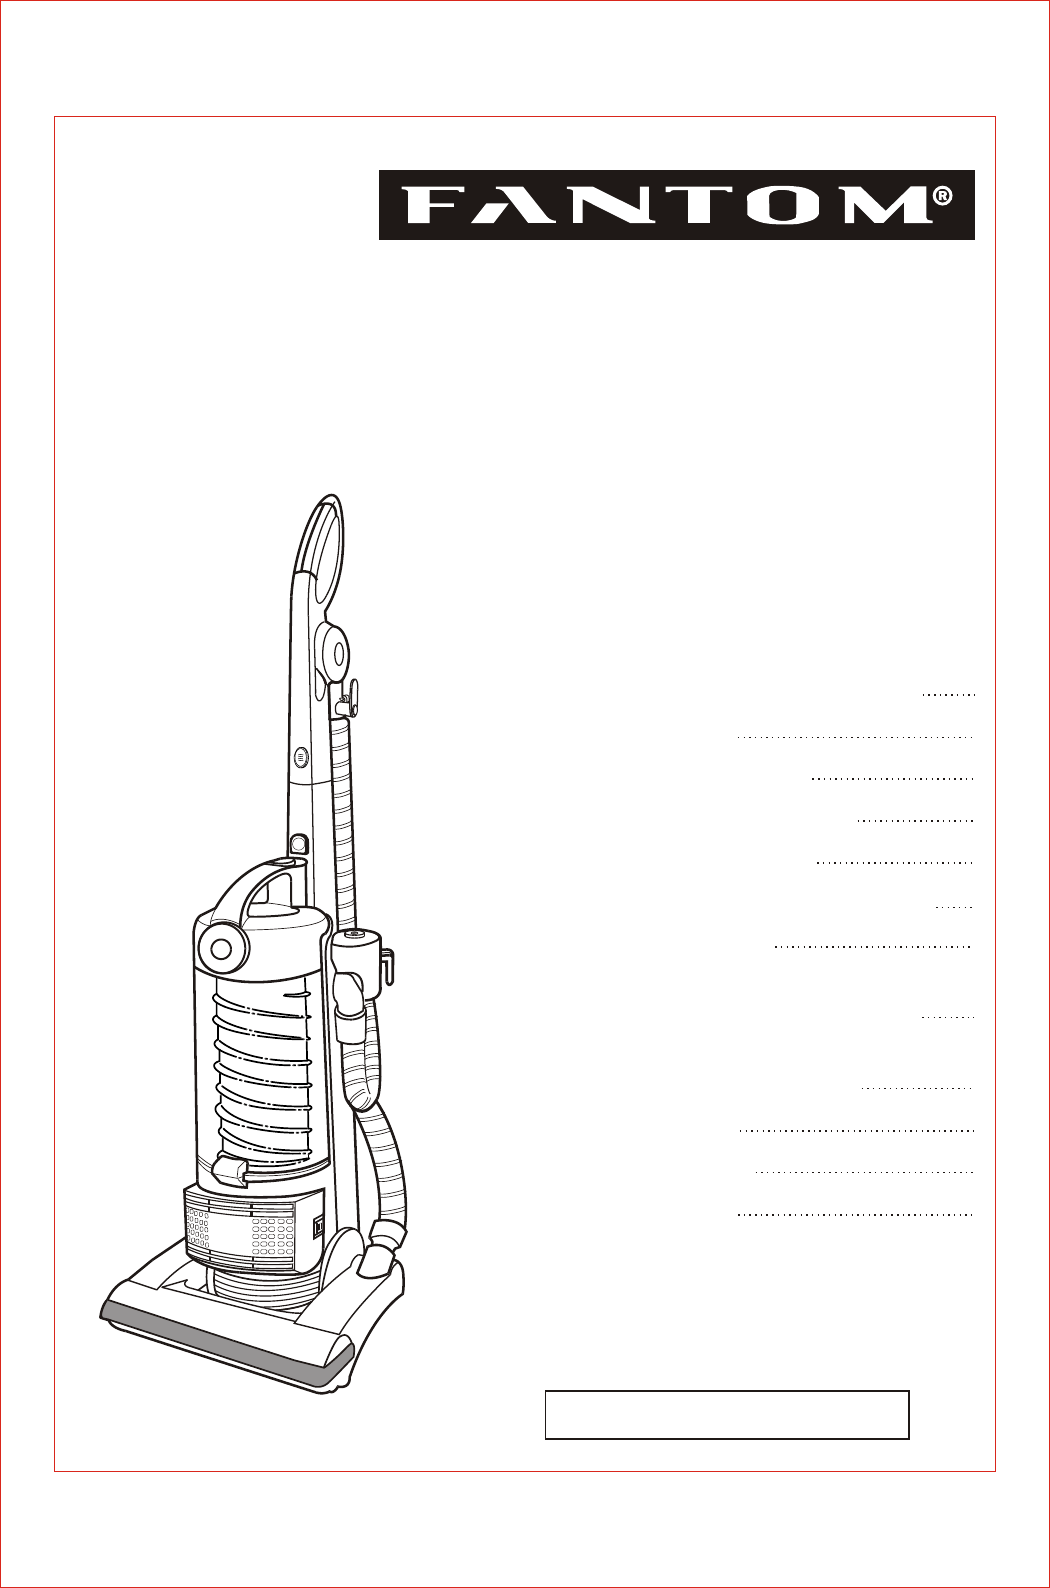 Fantom Vacuum Vacuum Cleaner FM741 User Guide